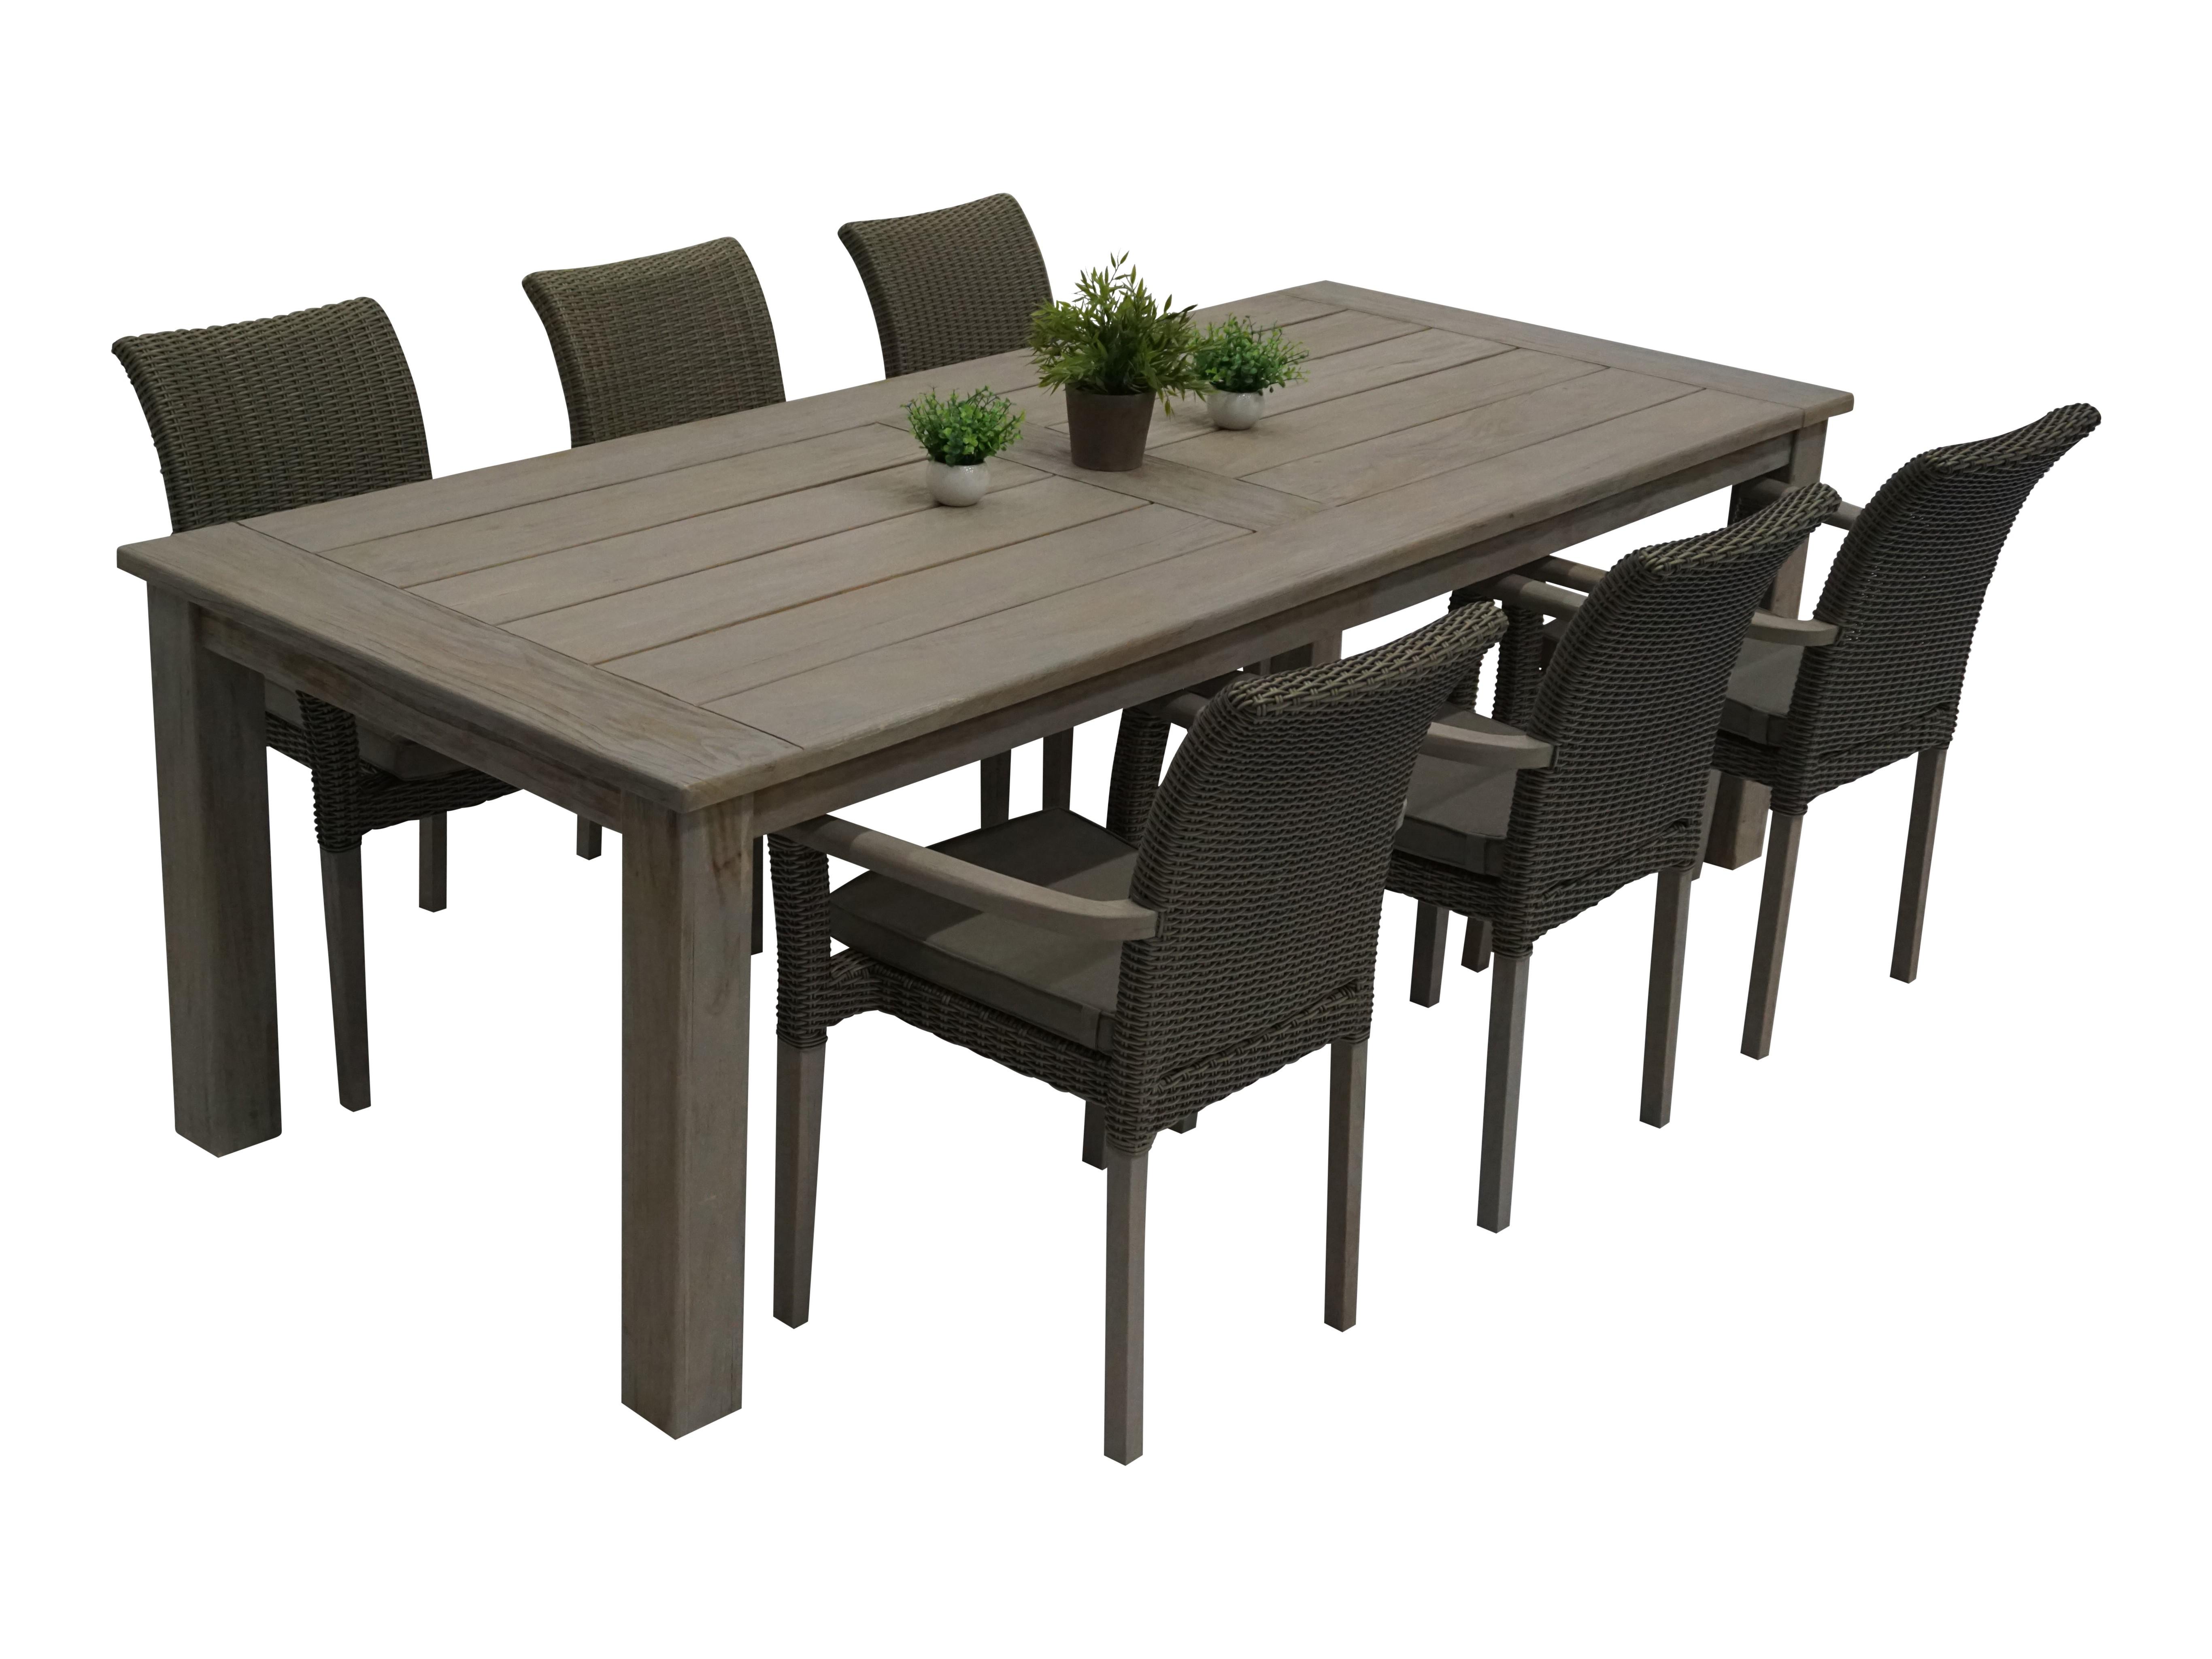 Rustic spisebord m 6 rustic stack - 6 personer - Spisegrupper ...